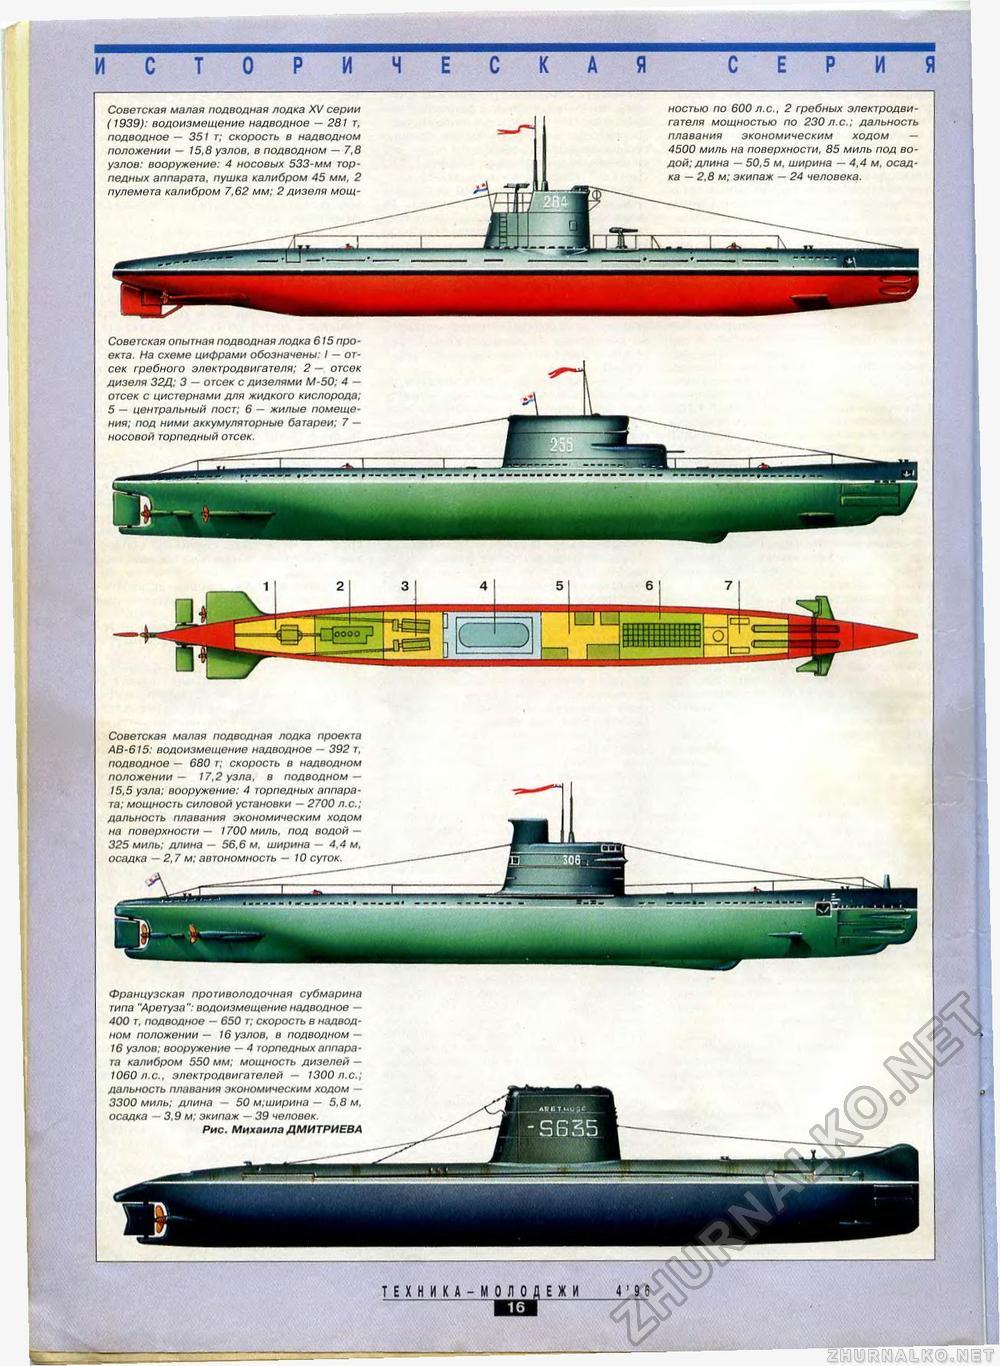 м-256 подводная лодка